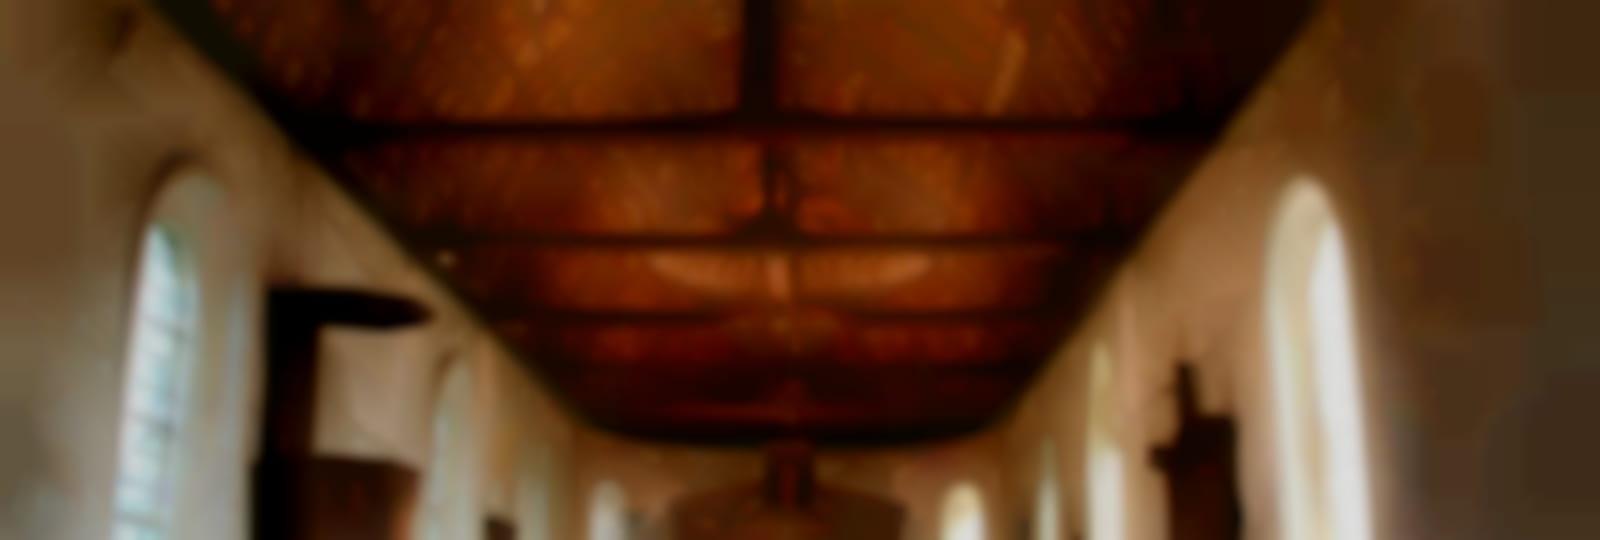 Voute de l'église Saint Martin Martin de la Croix-du-Perche